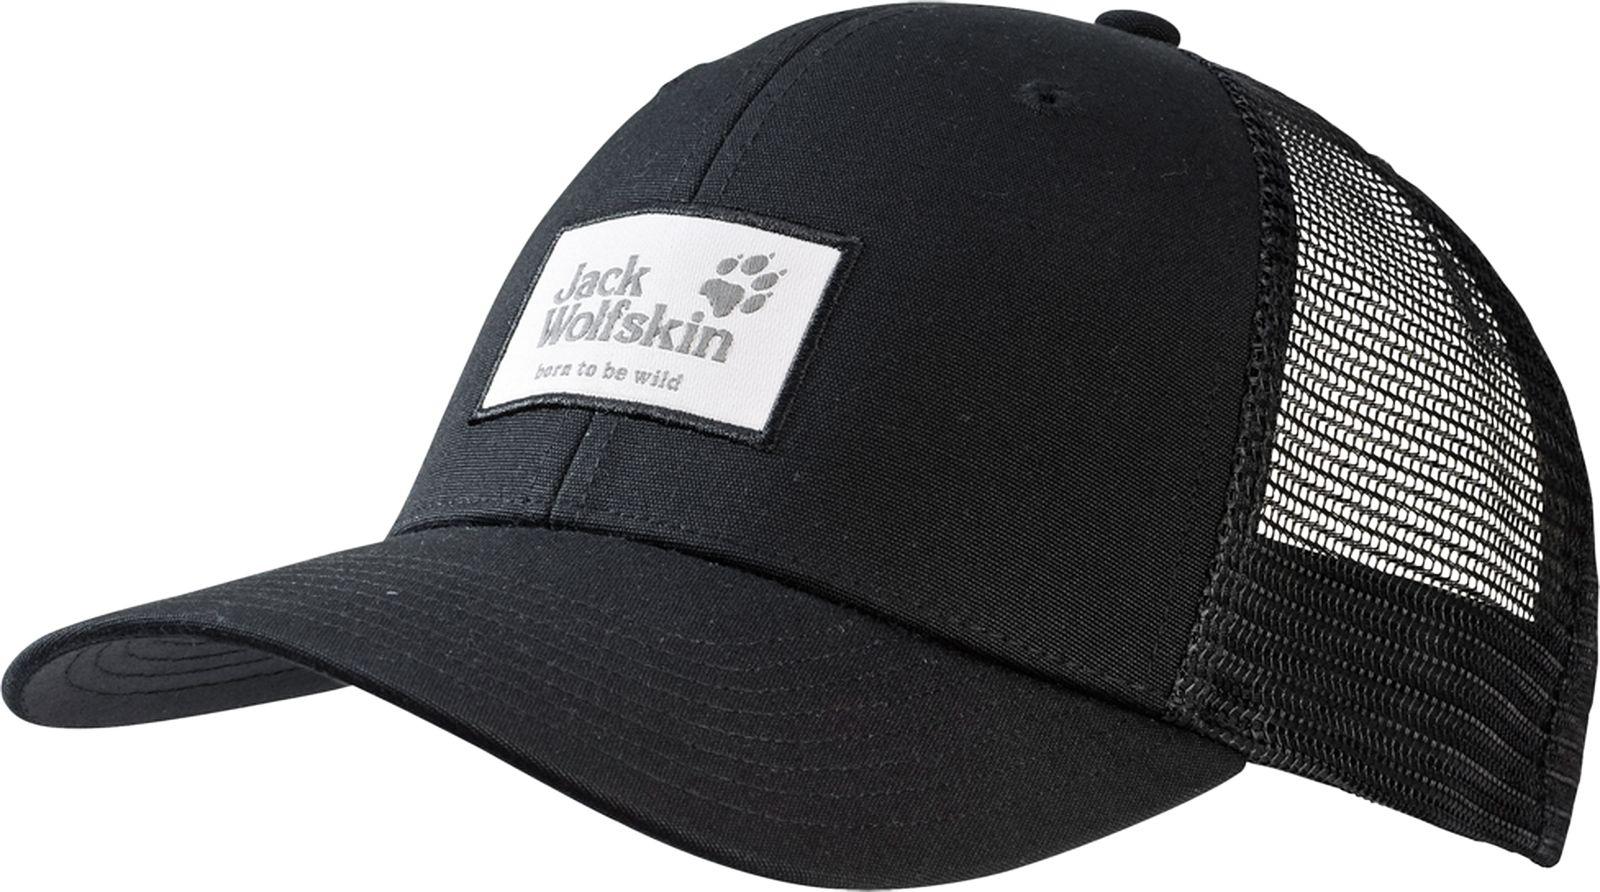 Бейсболка Jack Wolfskin Heritage Cap, цвет: черный. 1905621-6000. Размер 56/61 рюкзак jack wolfskin dayton цвет черный 2002481 6000